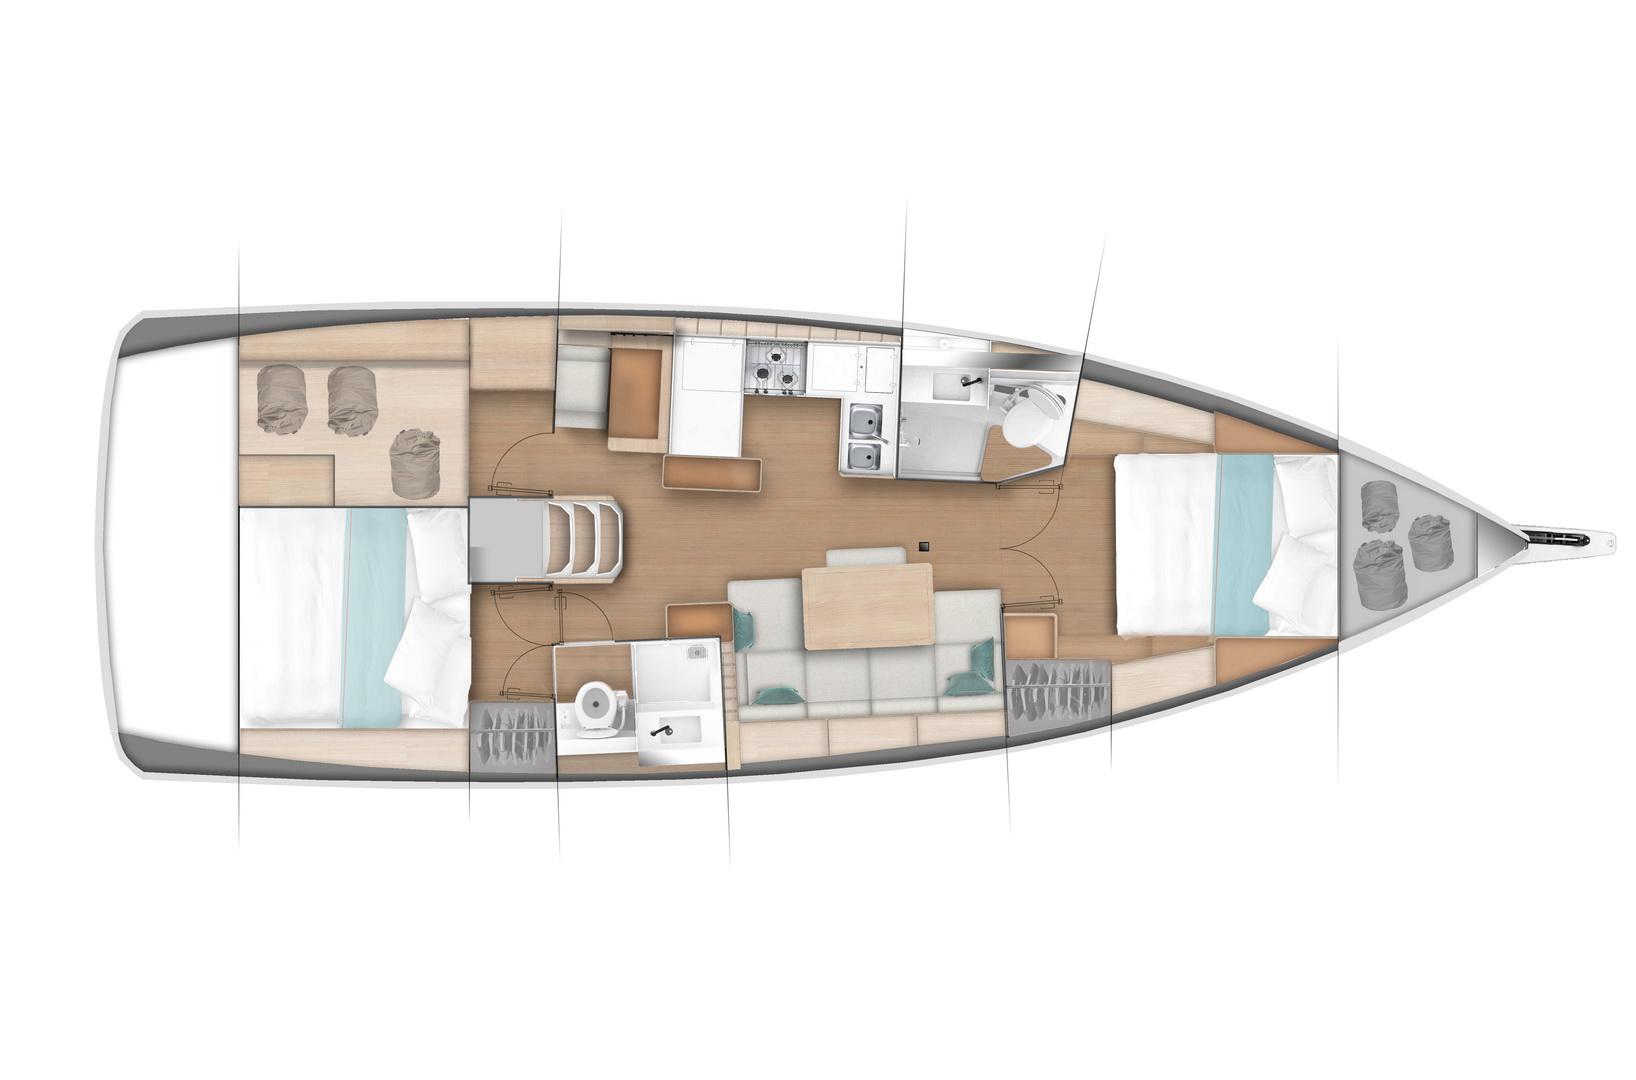 Jeanneau Sun Odyssey 440 - Yacht Sales | Kiriacoulis